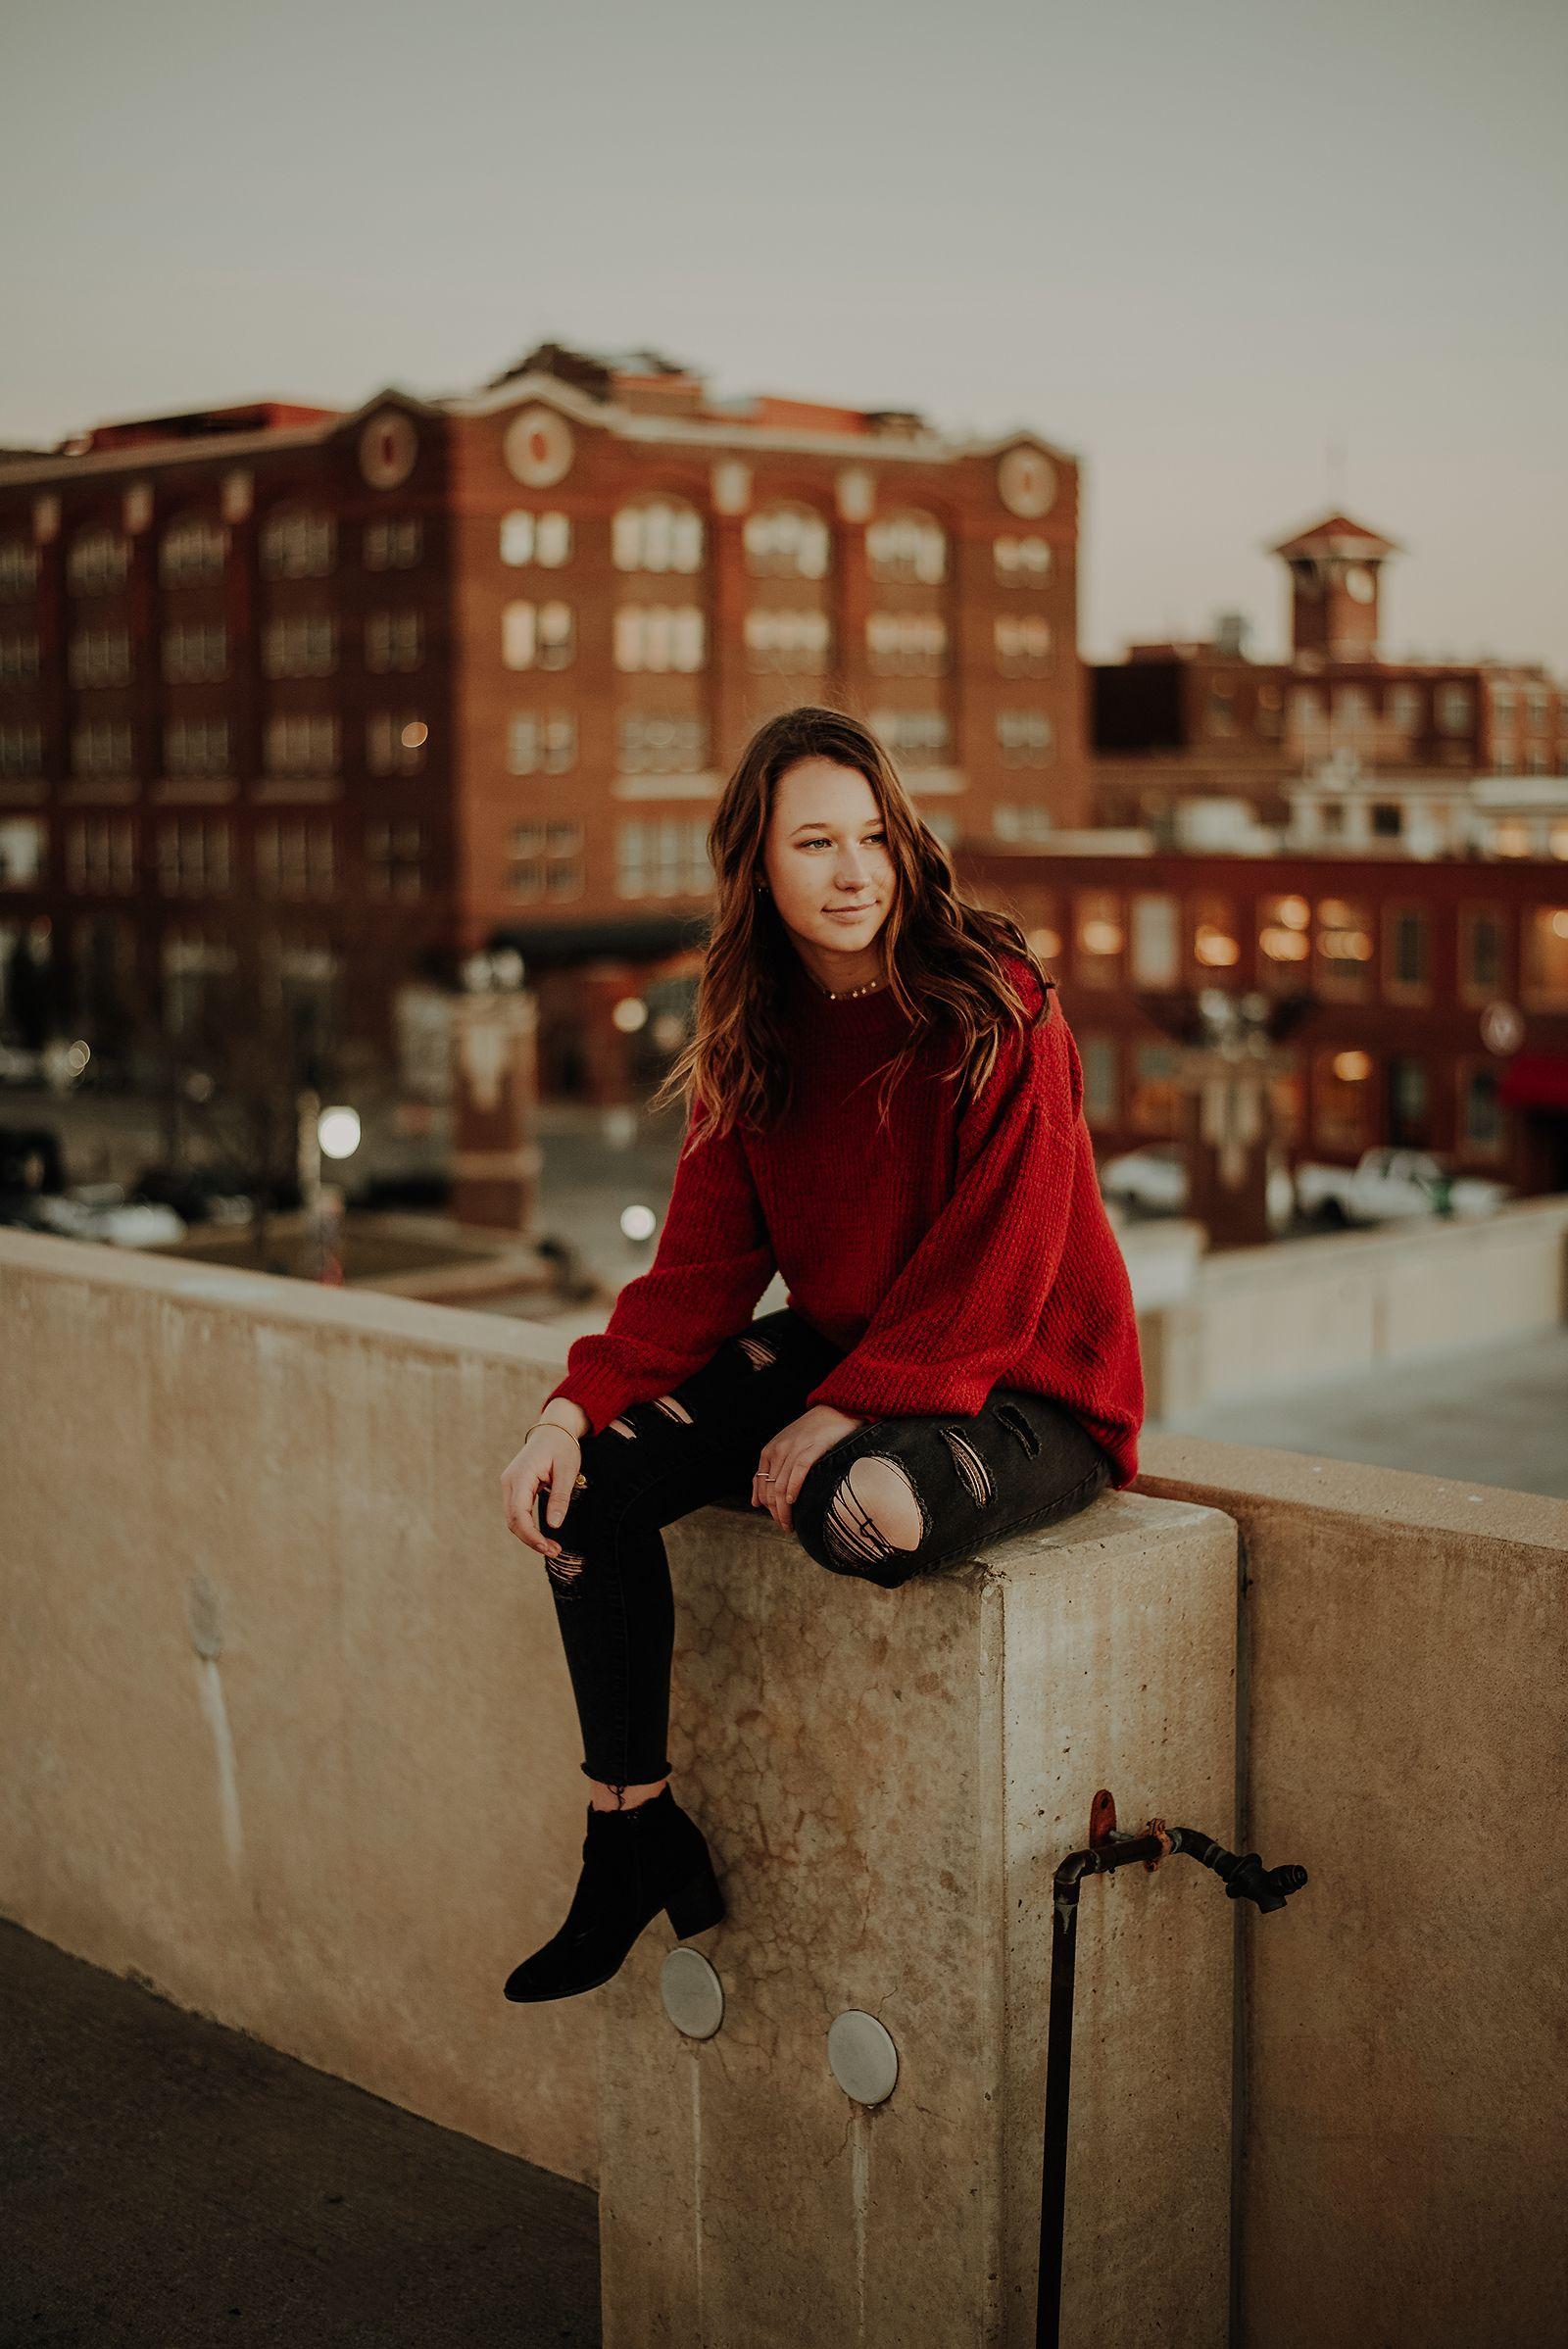 senior photo, senior pictures, senior photography, senior photographer, downtown…